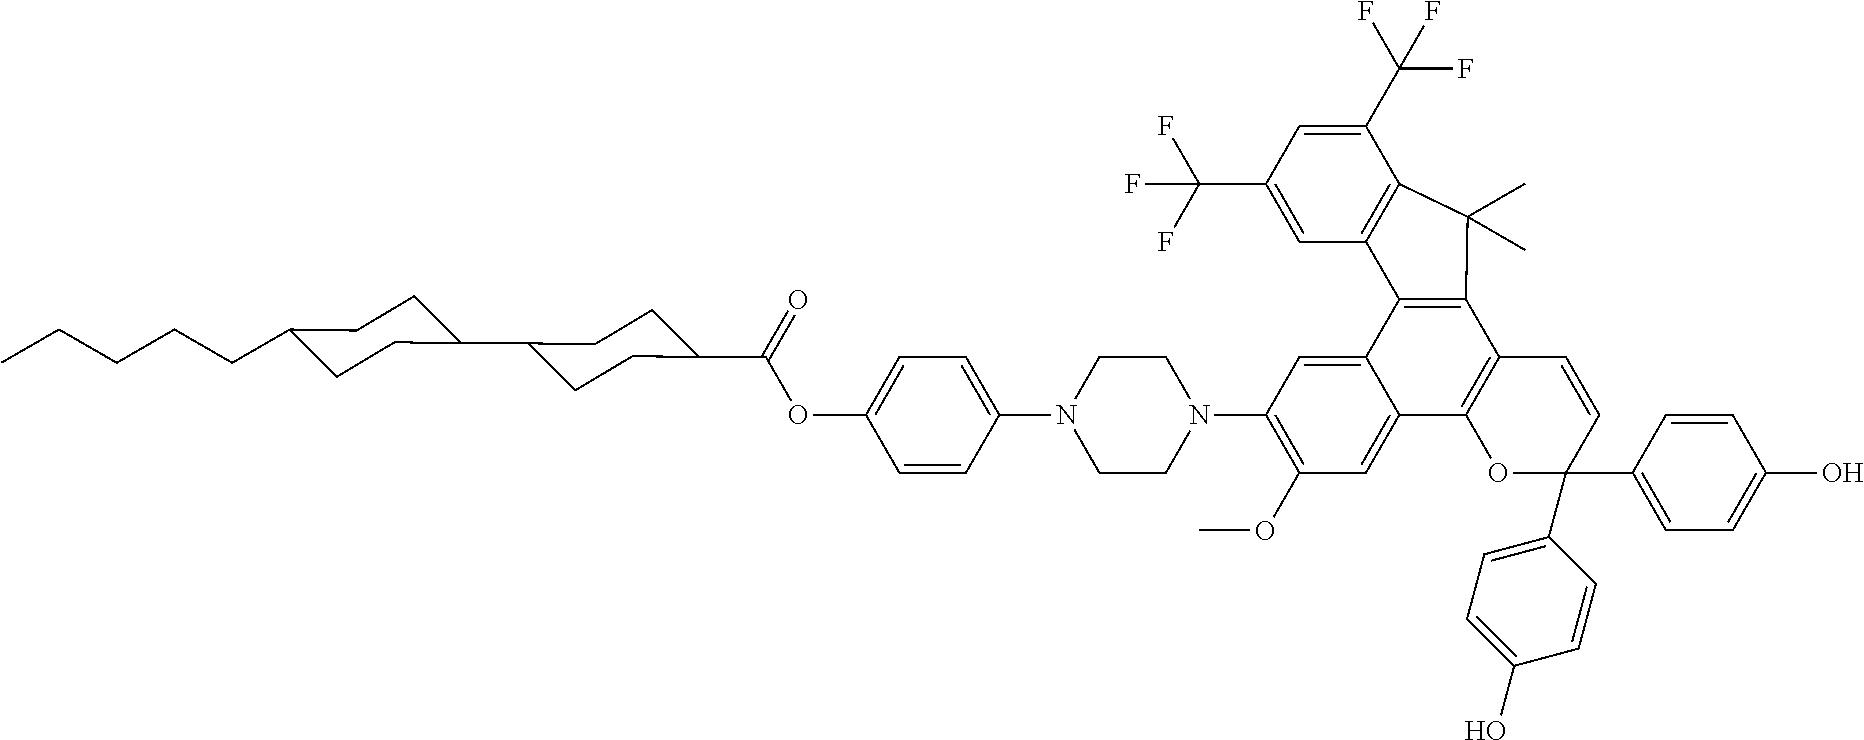 Figure US08518546-20130827-C00064